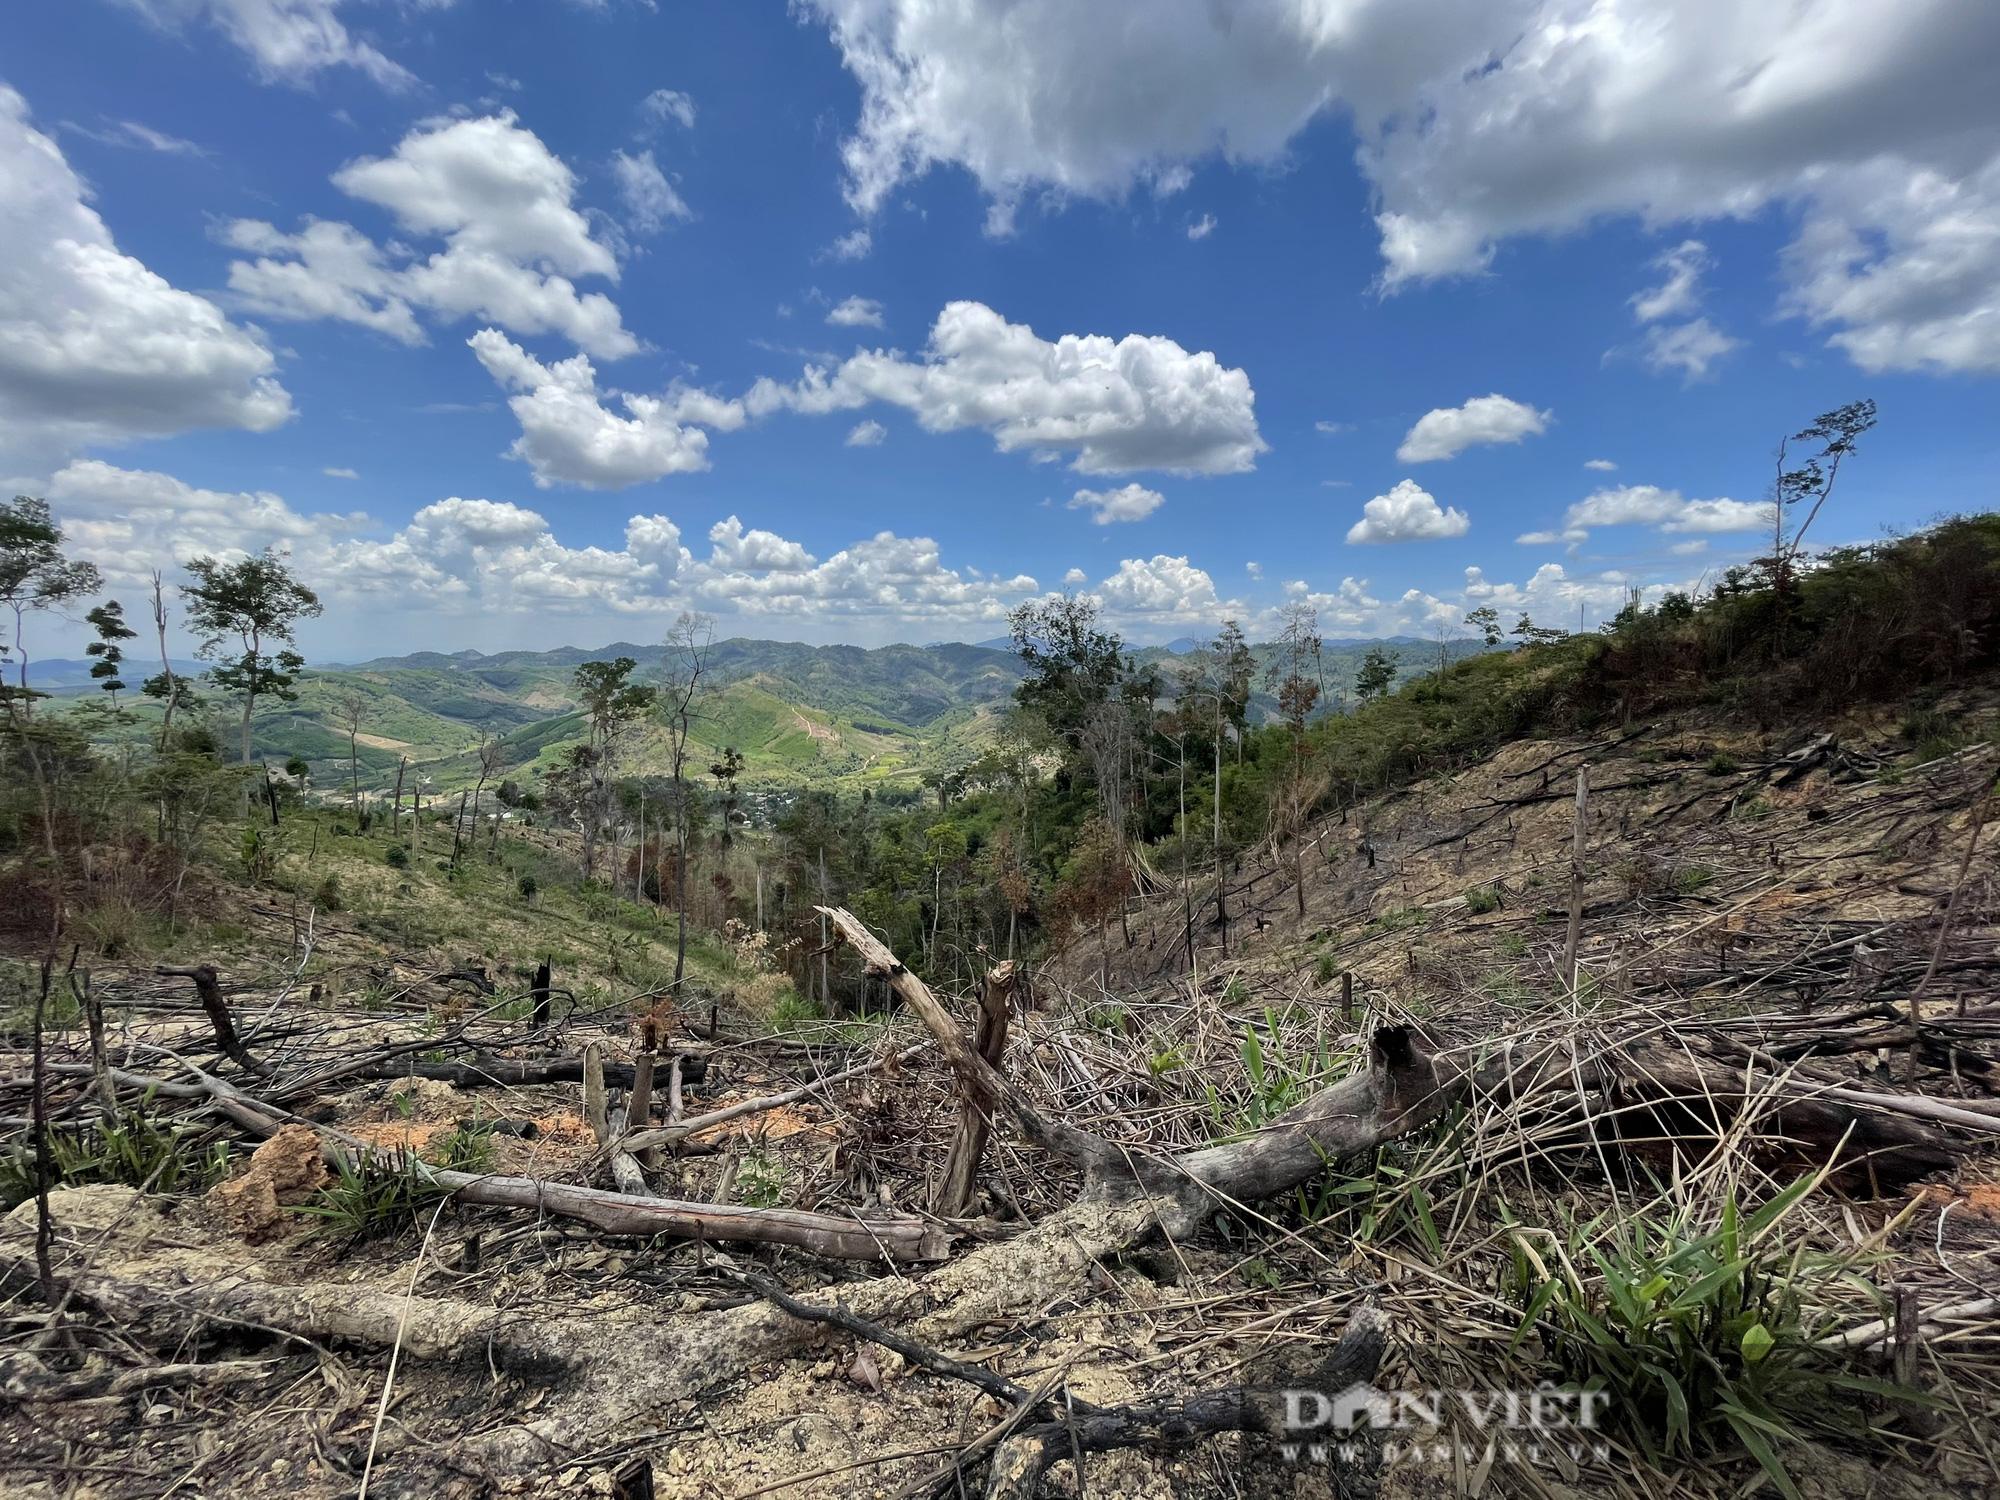 Công ty lâm nghiệp Krông Bông (Đắk Lắk): Rừng bị phá tan hoang, lãnh đạo mất đoàn kết  - Ảnh 1.